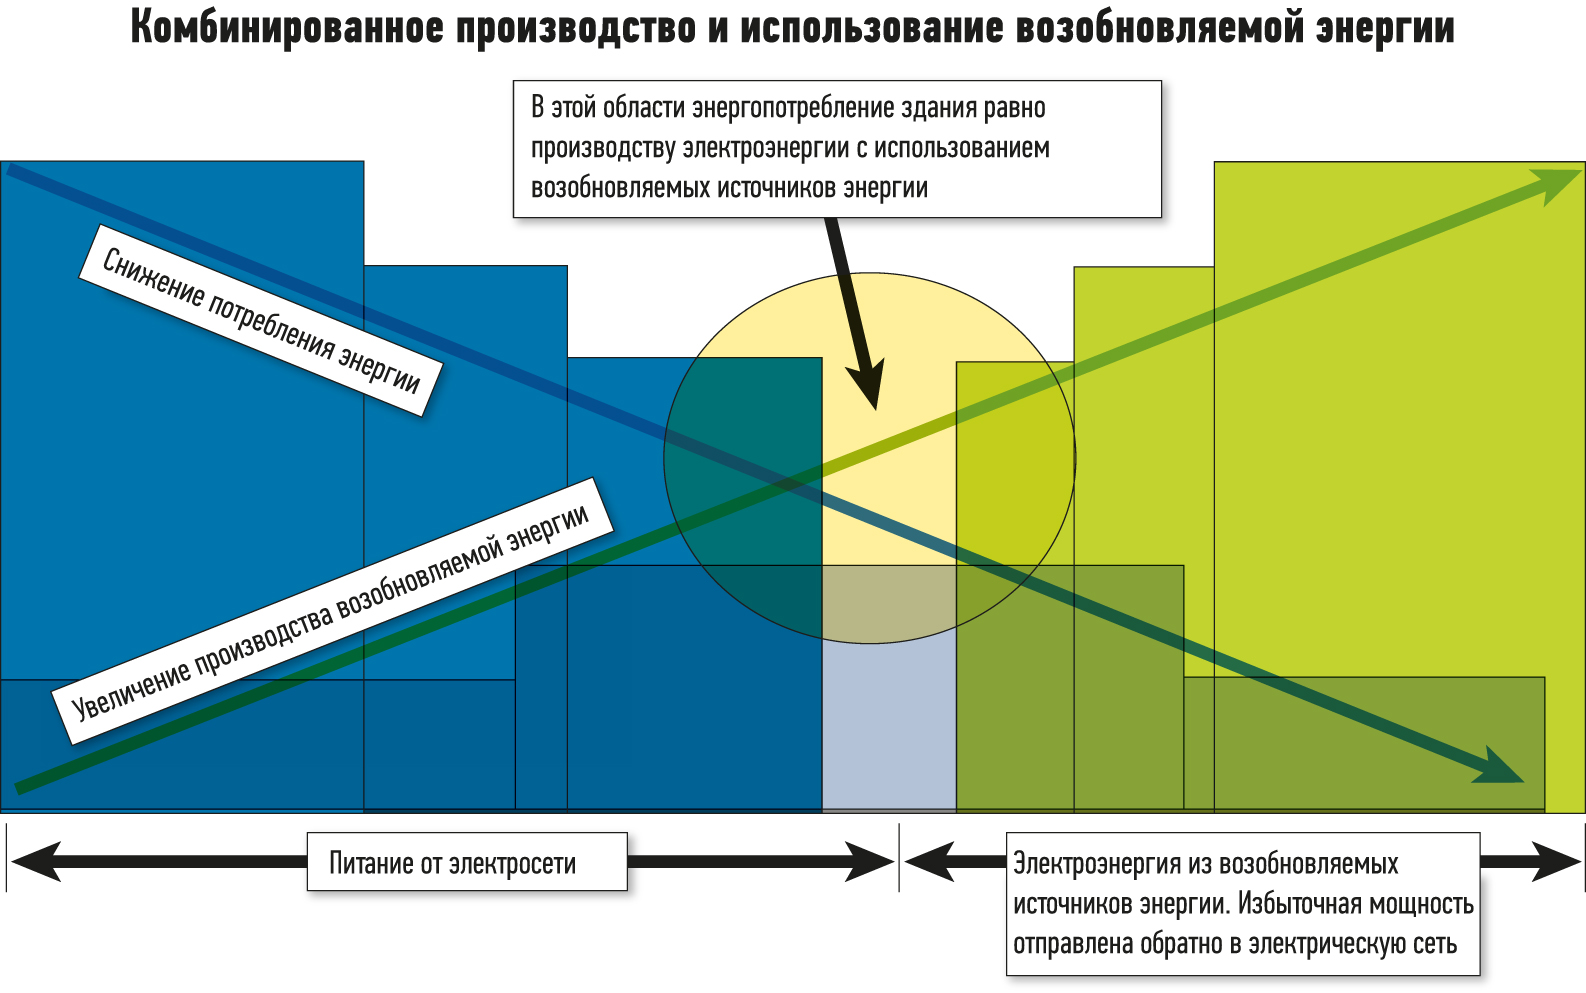 Концепция зданий с нулевым потреблением энергии: как потребность здания в энергии зависит от источника производства энергии